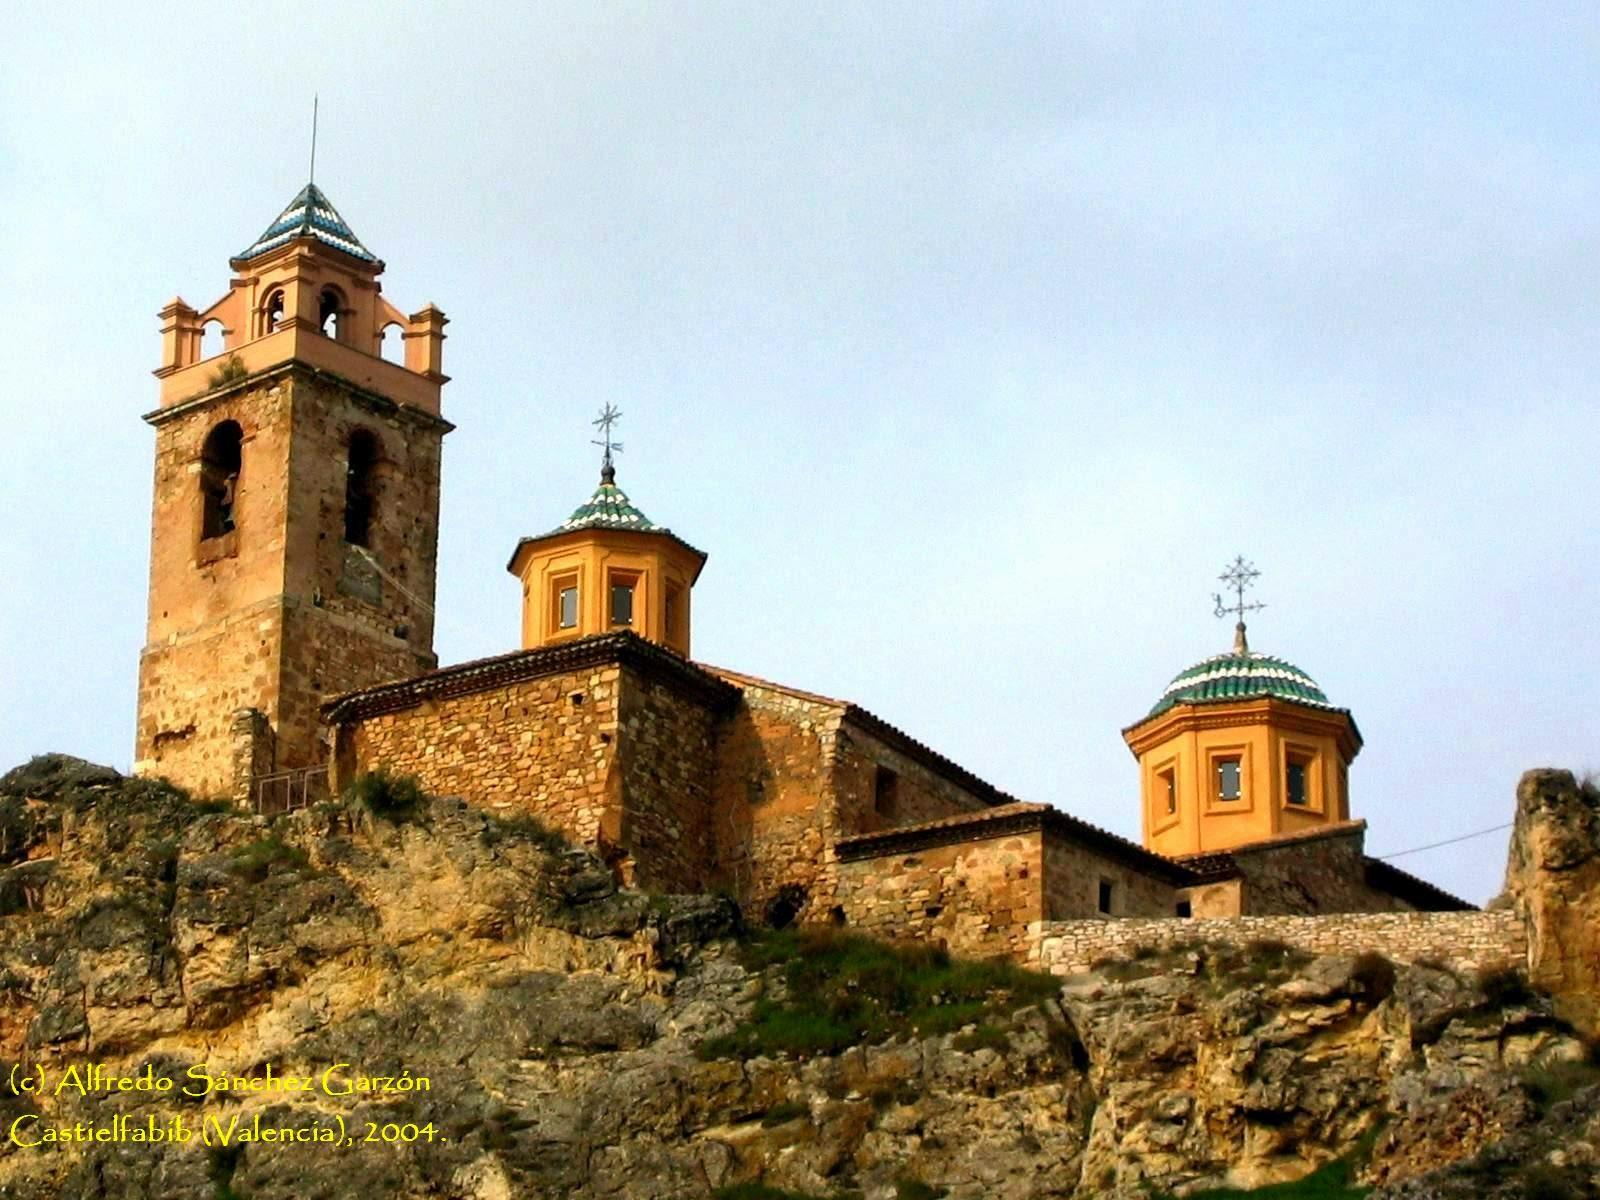 iglesia-fortaleza-castielfabib-torre